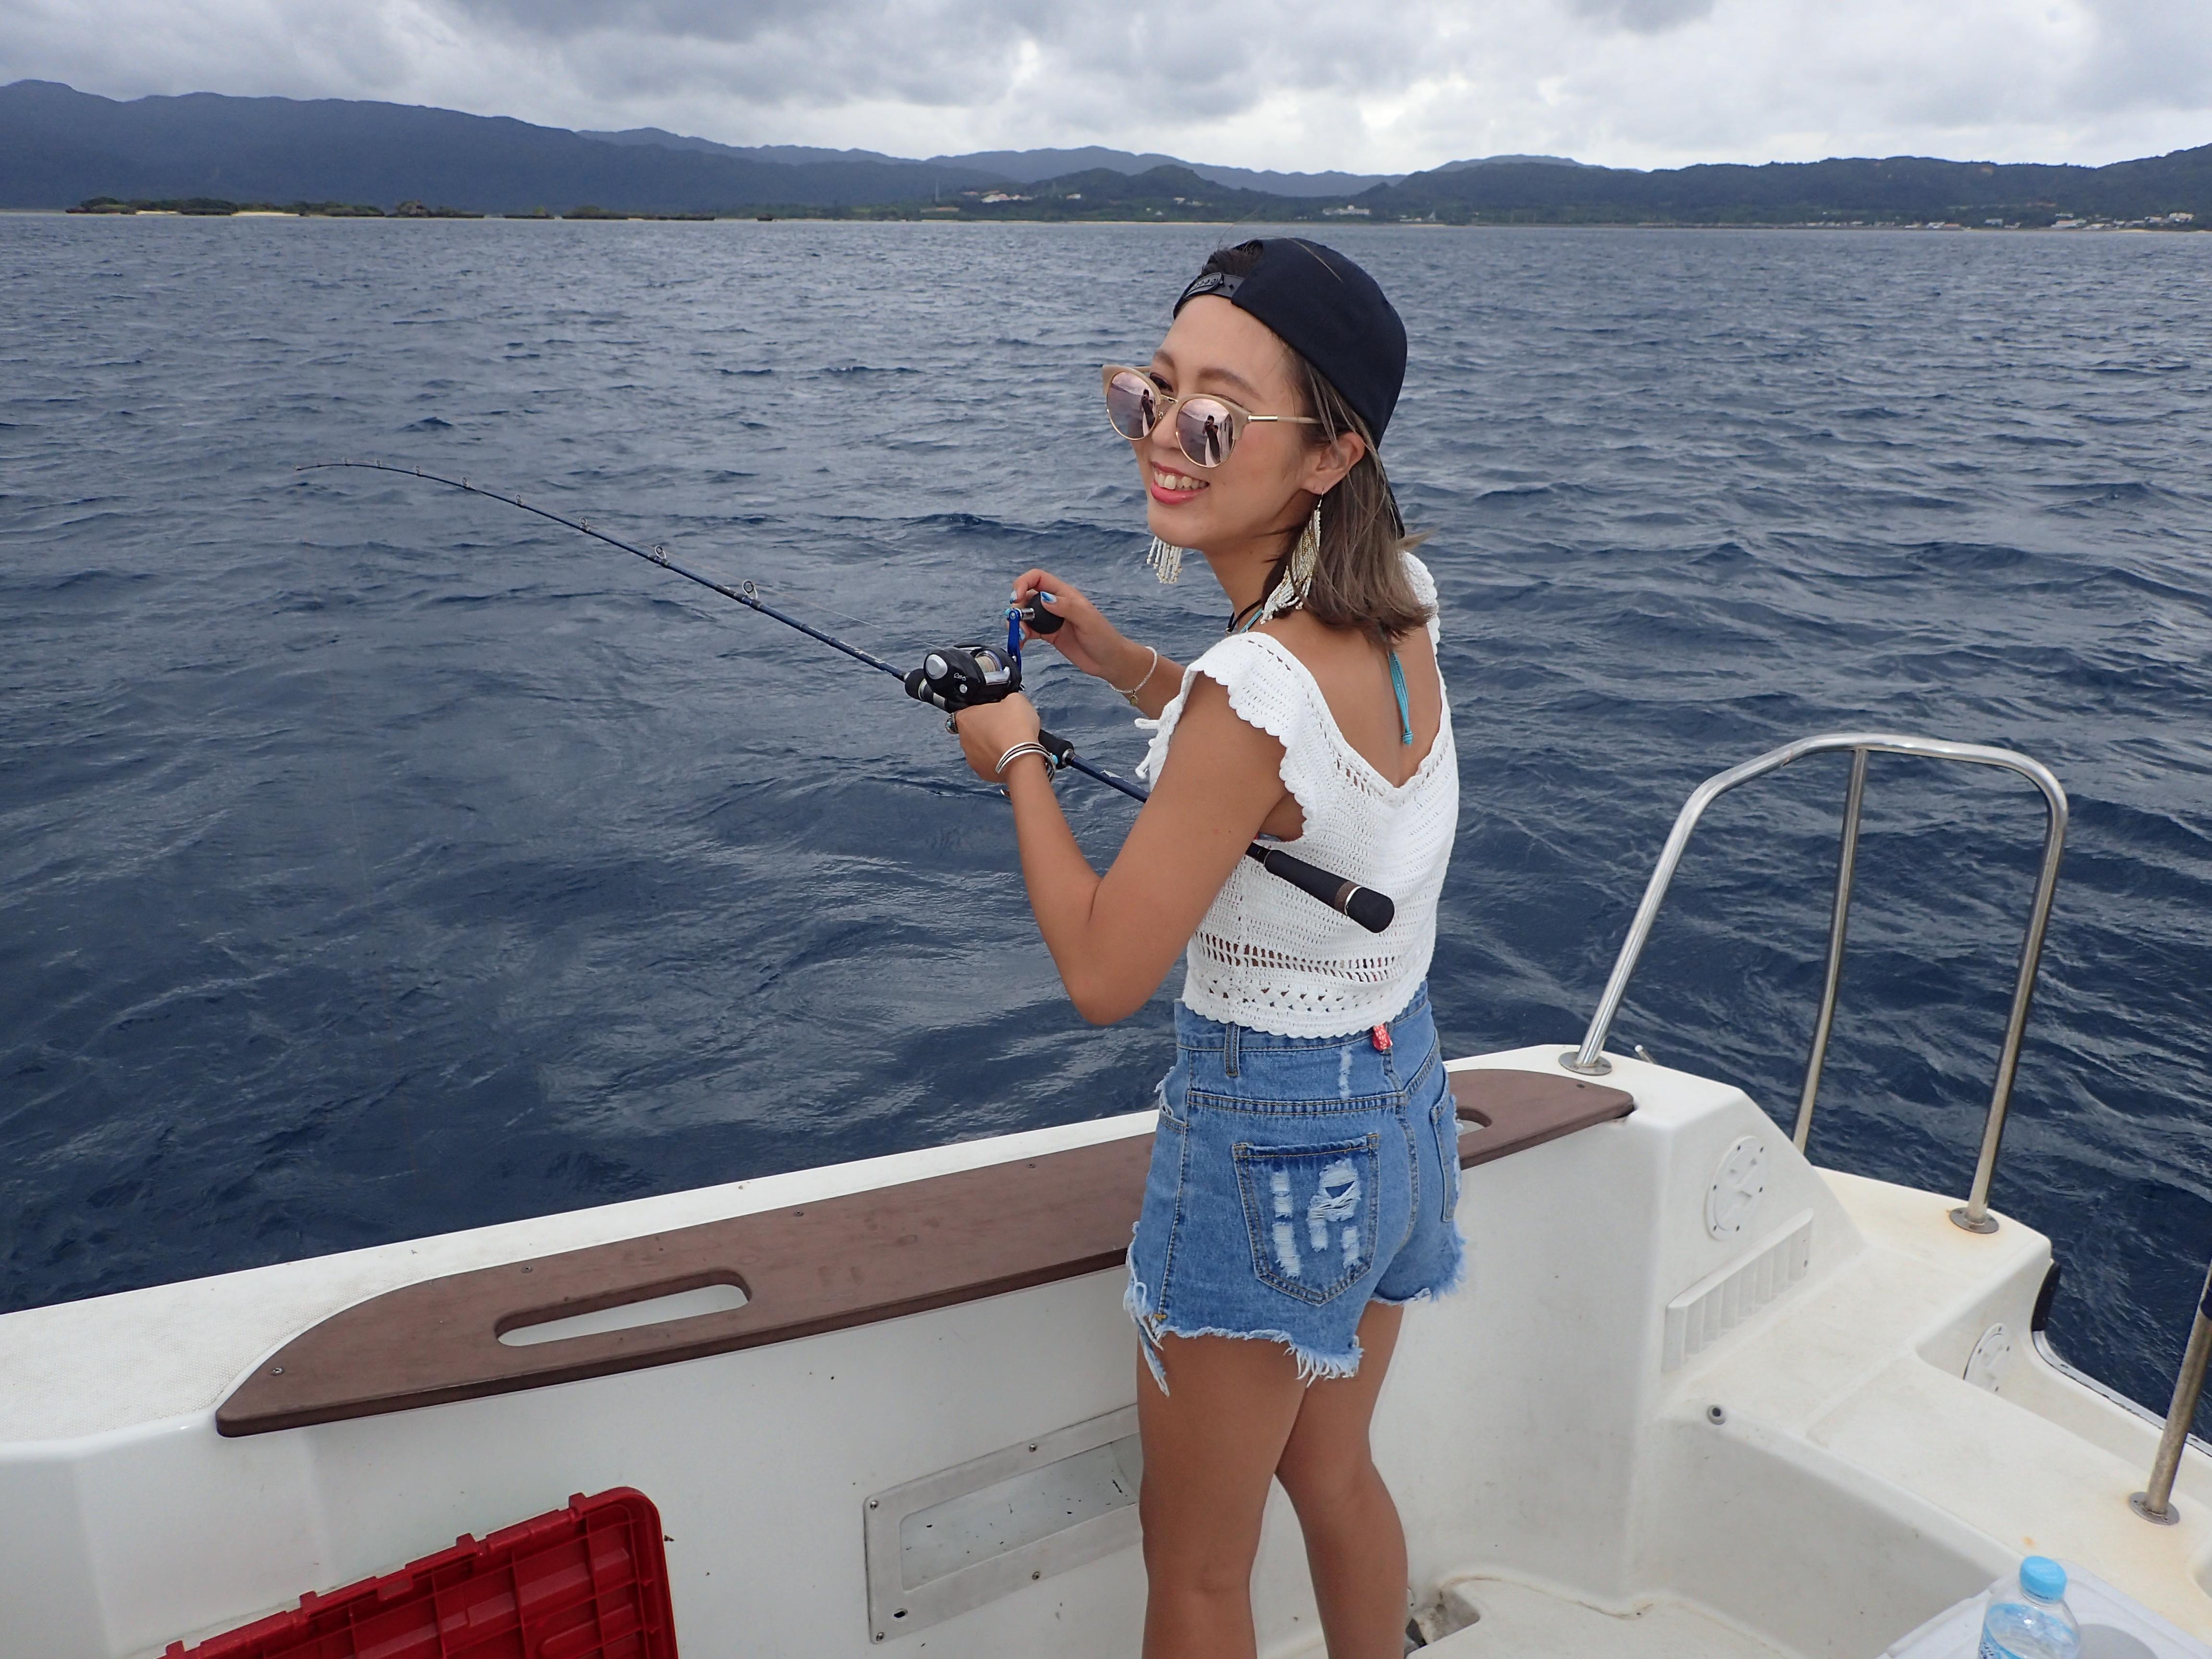 石垣島釣りツアーで遊ぶ